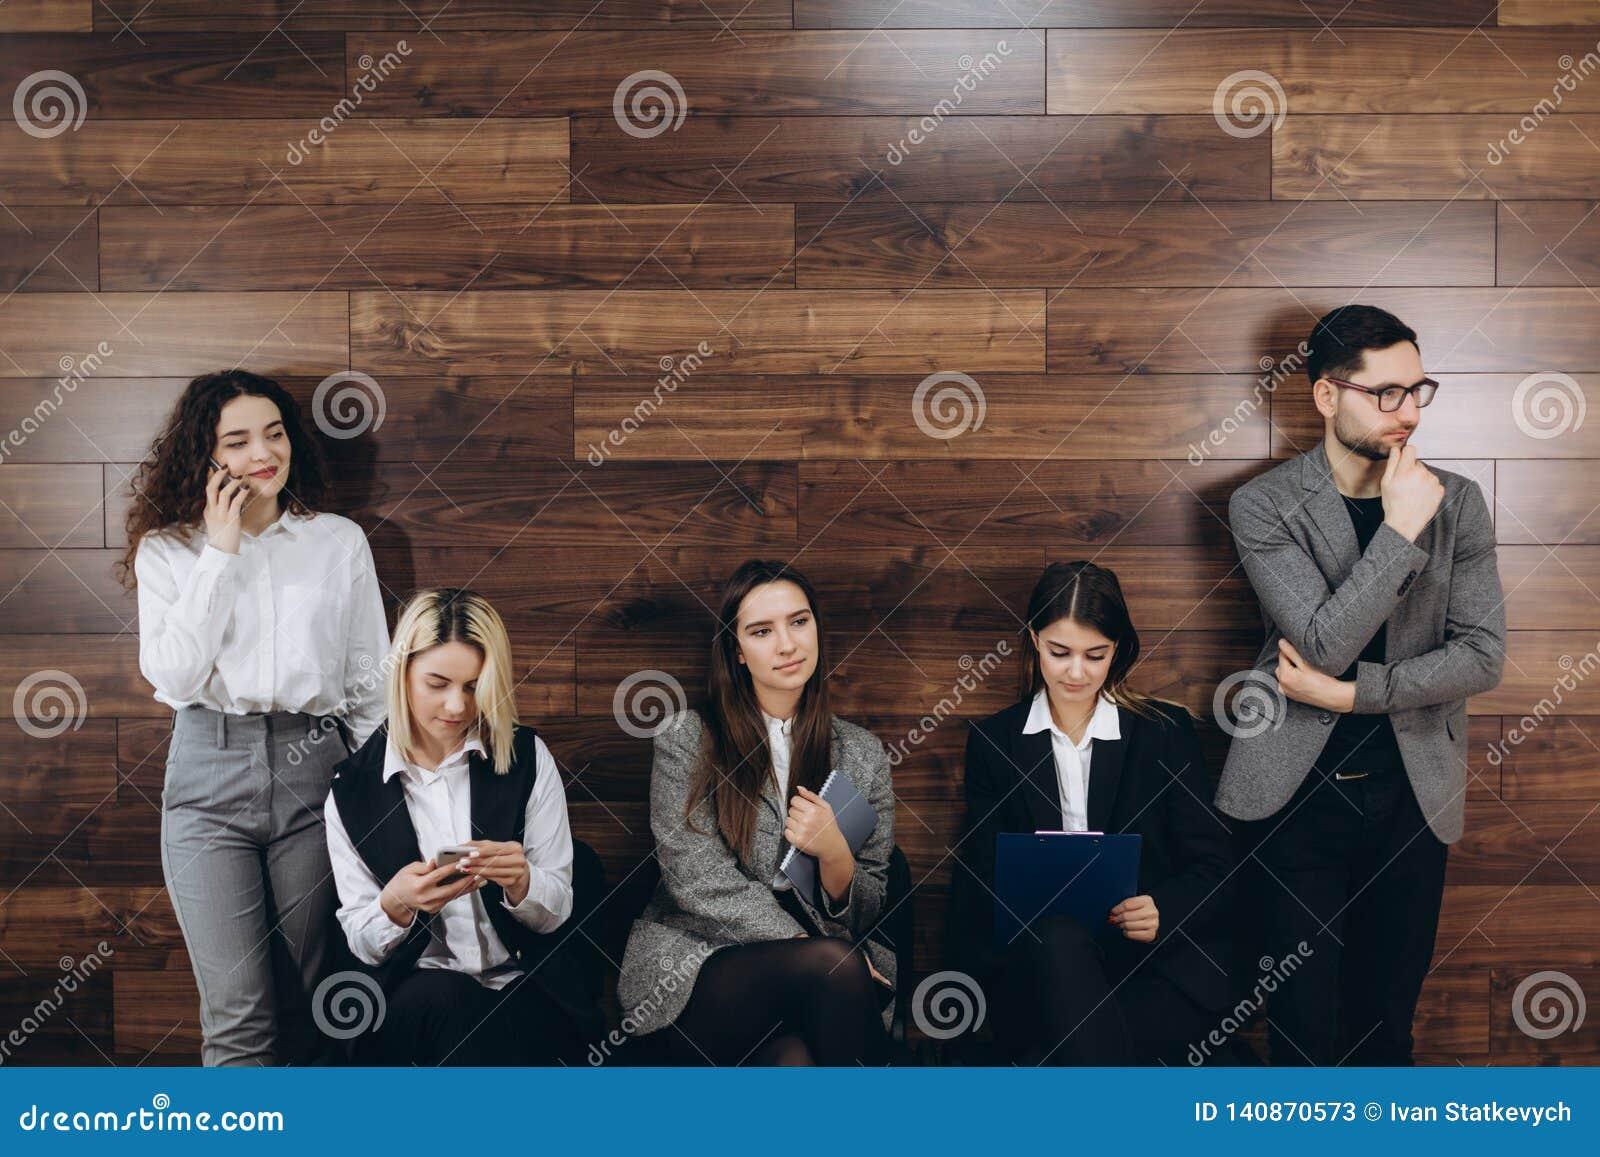 La gente milenaria Multi-étnica que sostiene los teléfonos y los curriculums vitae que se preparan para la entrevista de trabajo,